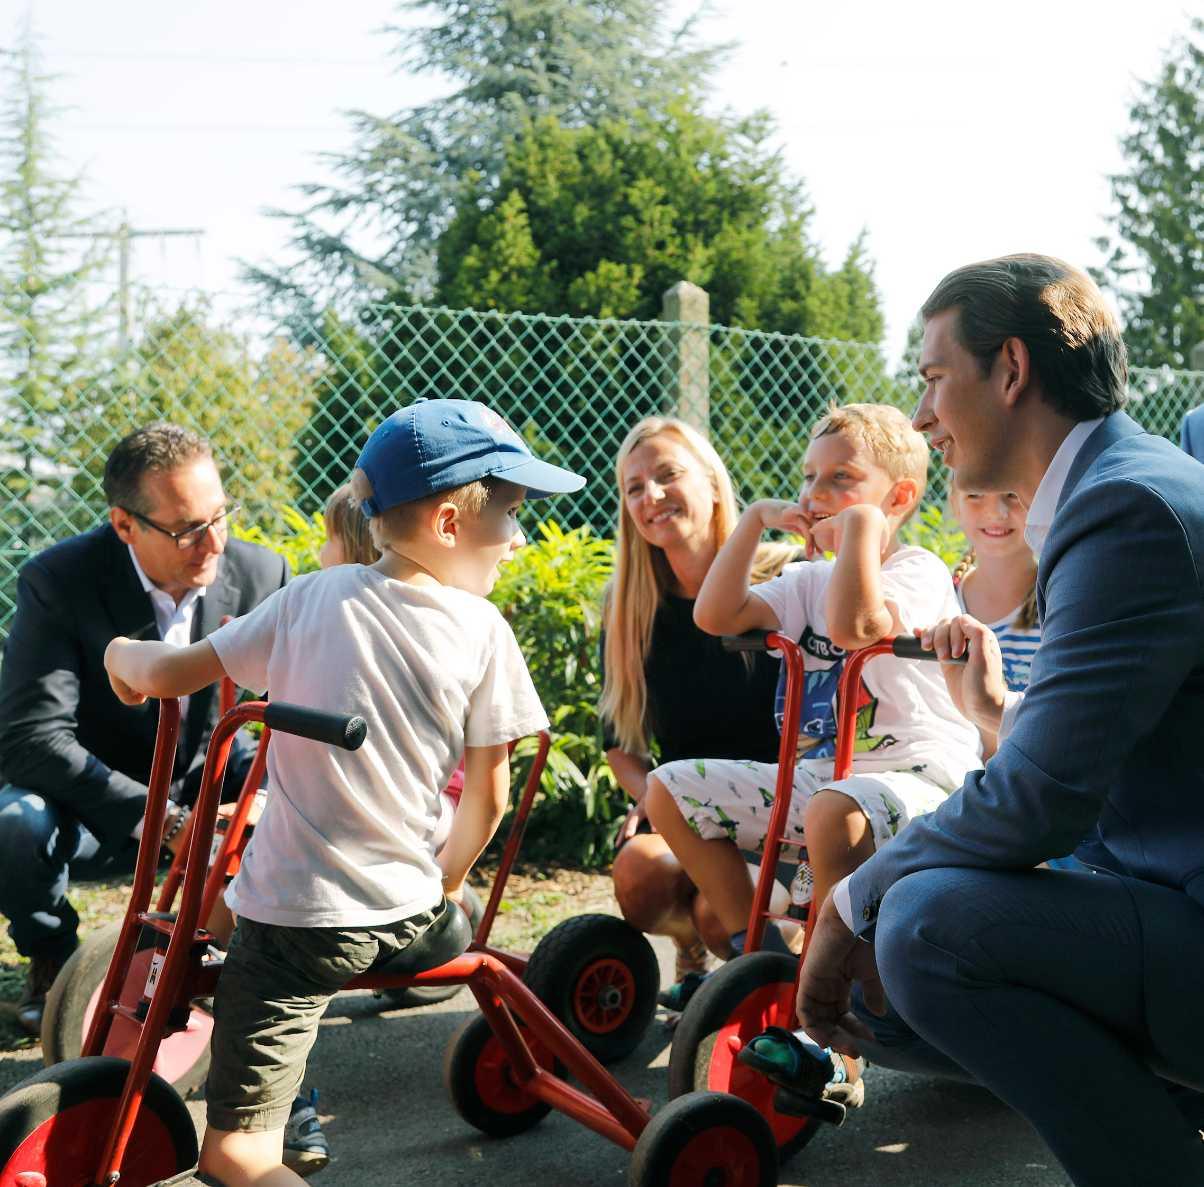 722 Millionen Euro Für Die Kinderbetreuung Freiheitliche Partei